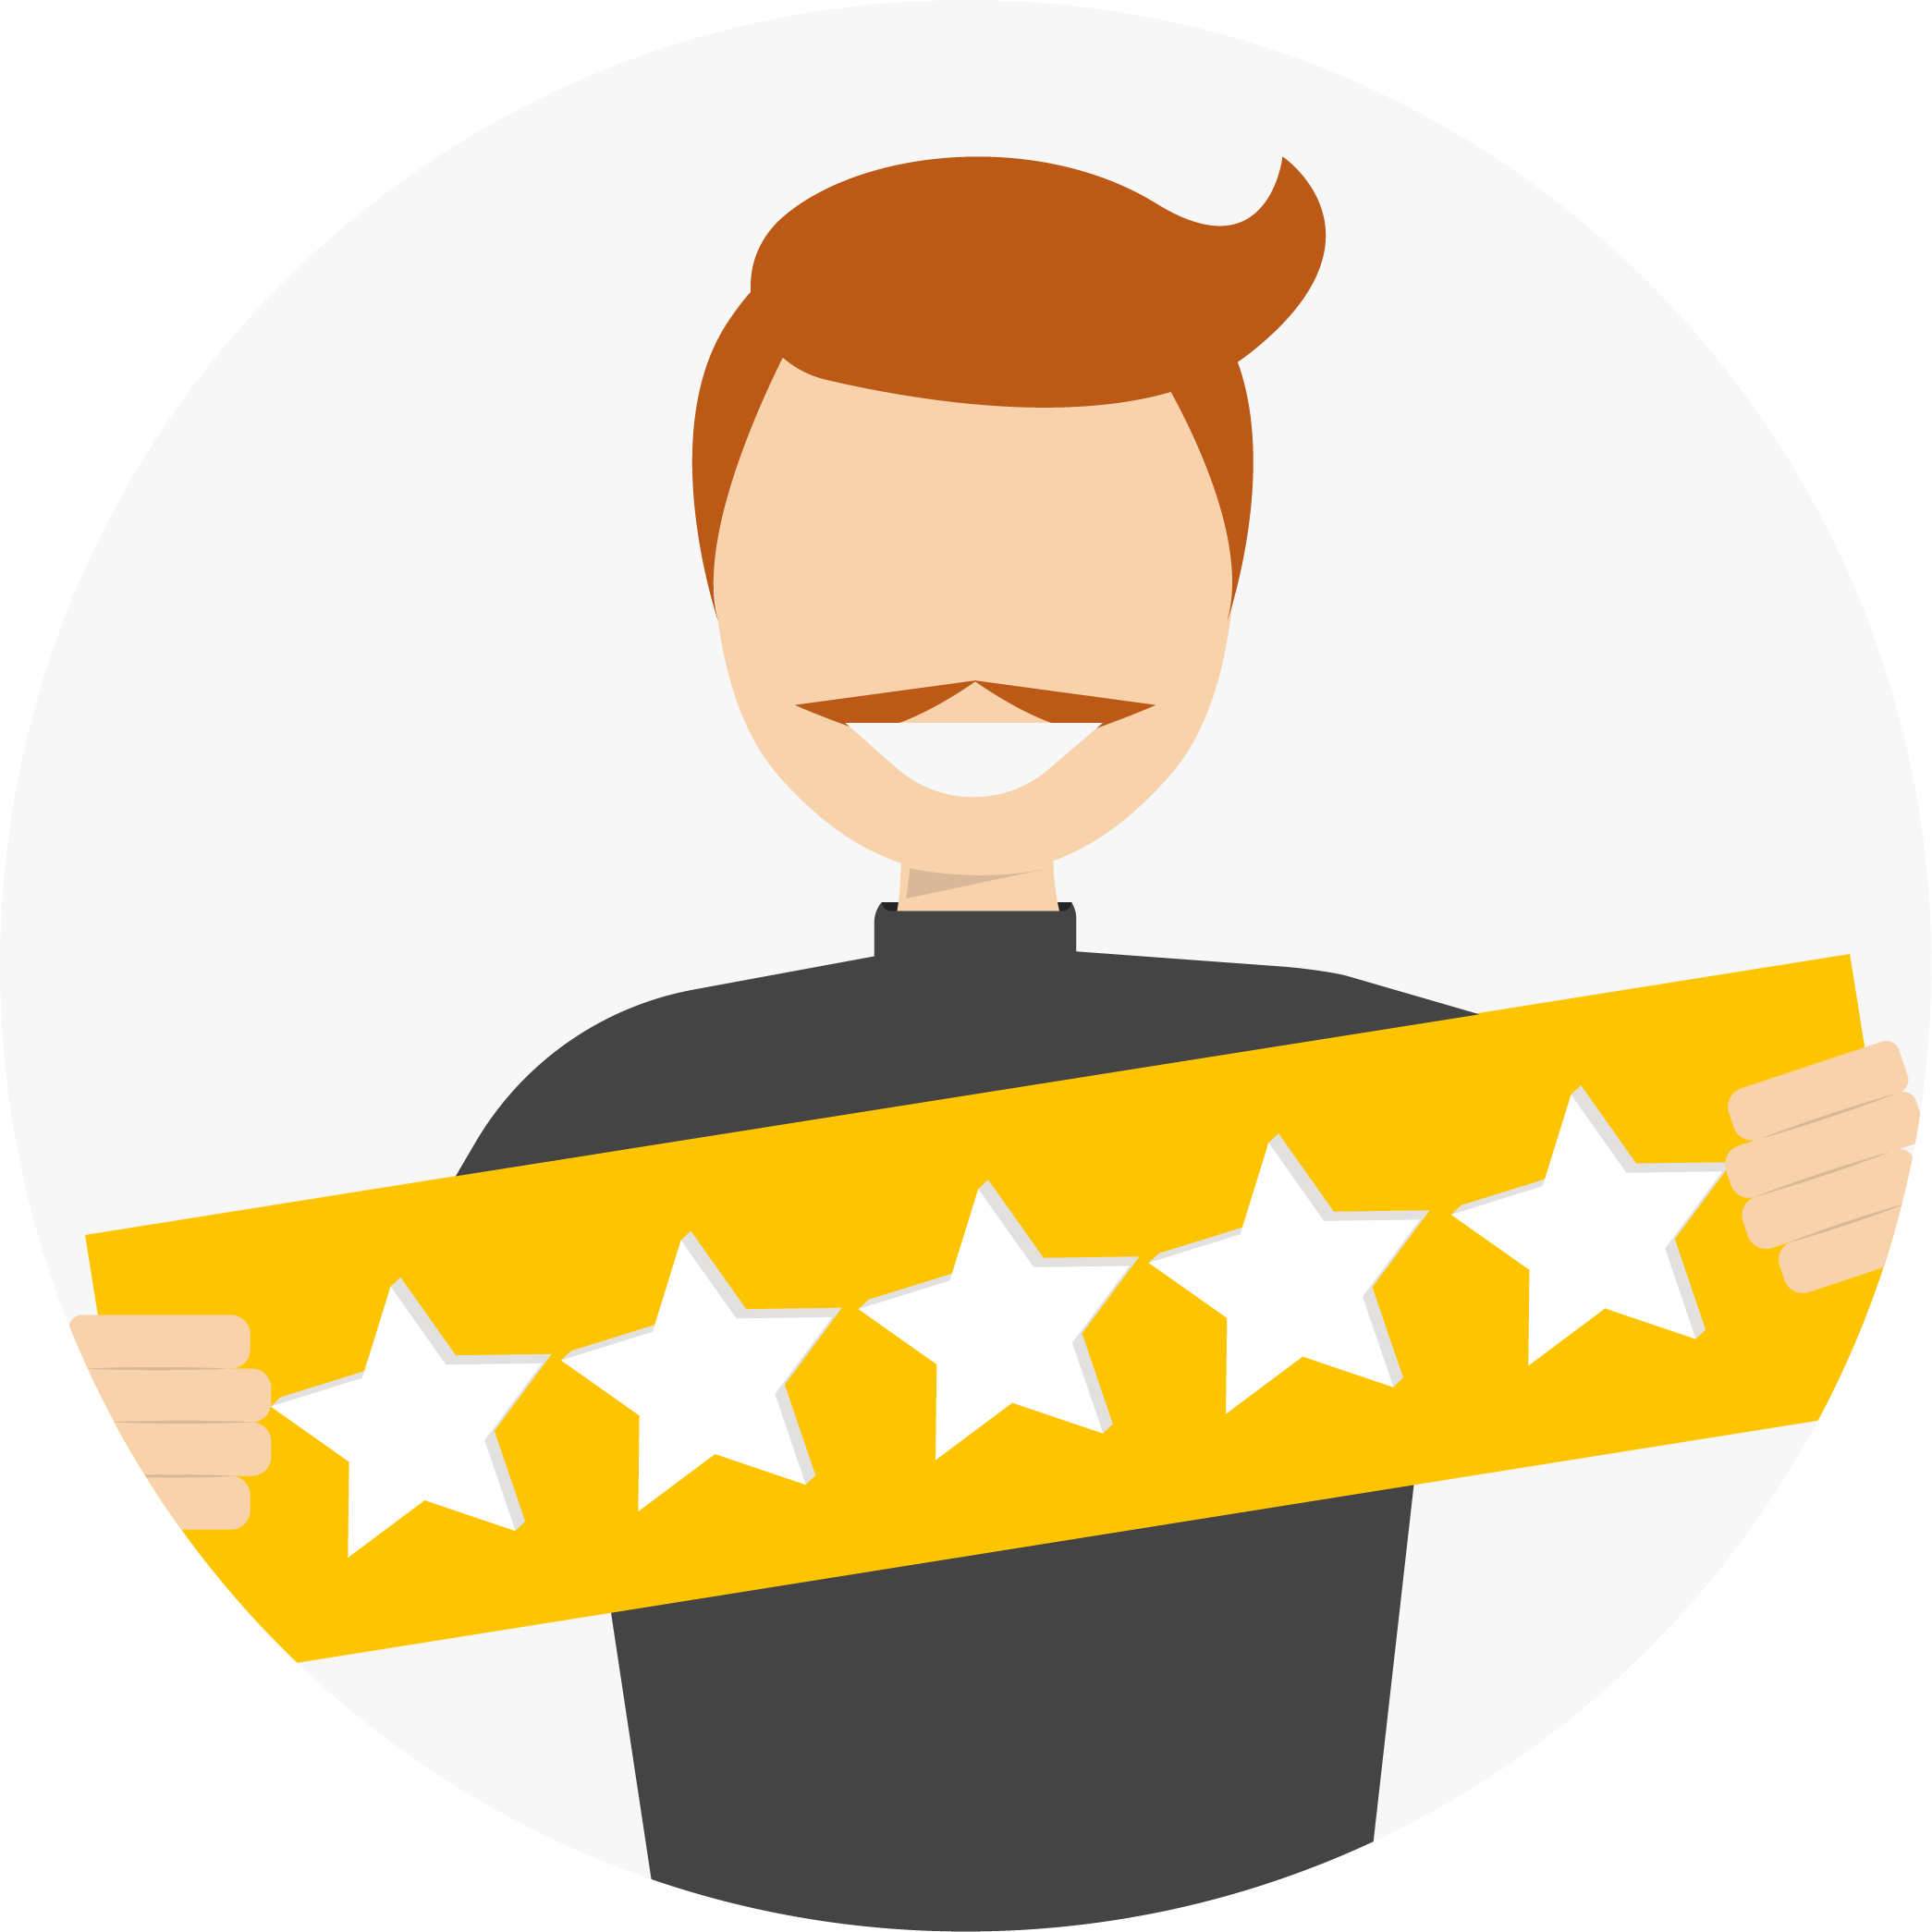 usuario segurando plaquinha com 5 estrelas